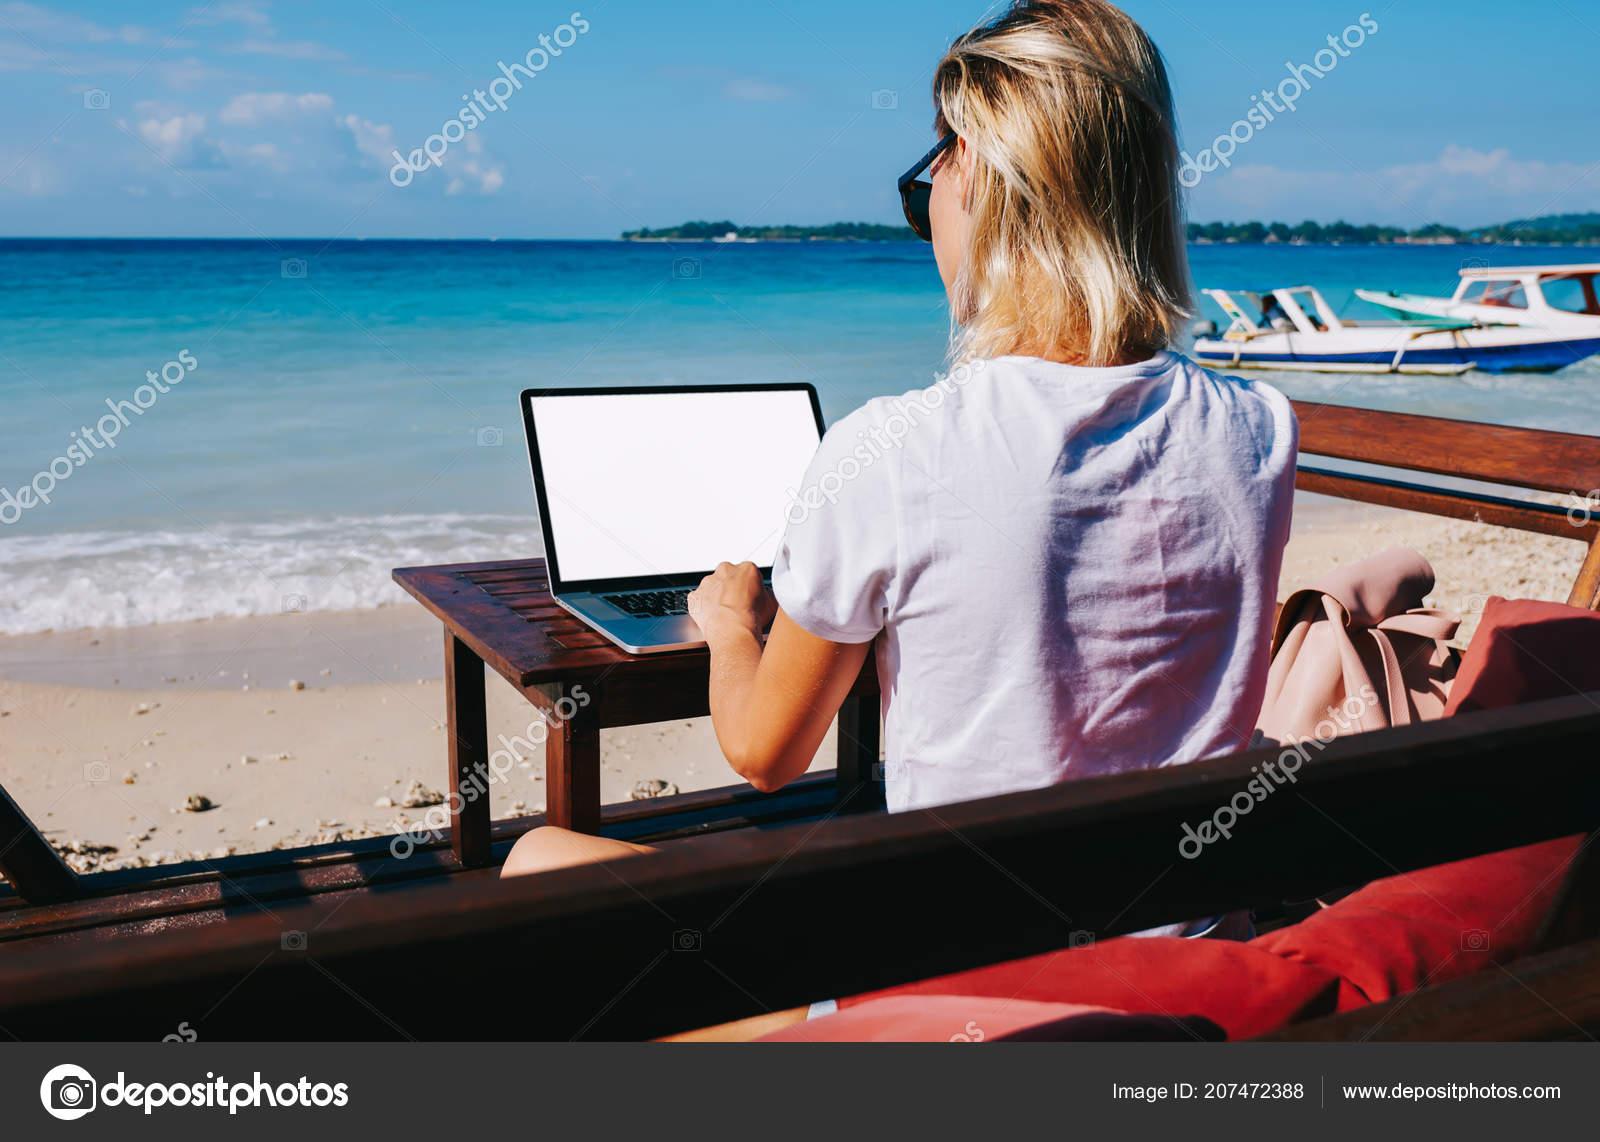 Девушка работа в море вебкам студия ярославль